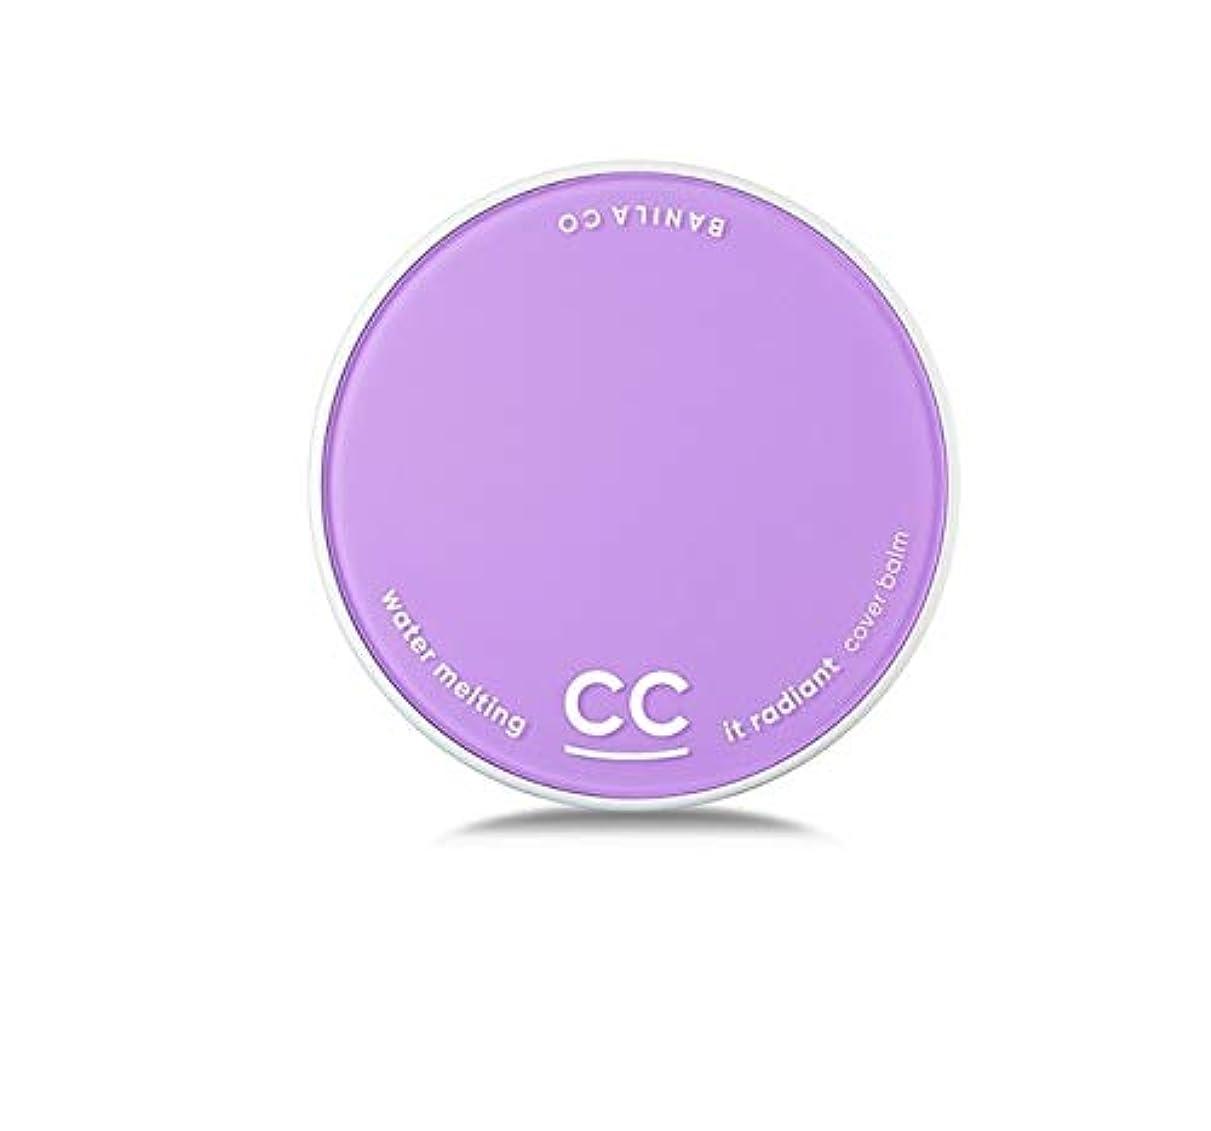 添加剤ハリケーン残酷banilaco It Radiant CCエッセンスカバーバーム/It Radiant CC Essence Cover Balm 15g # natural beige [並行輸入品]